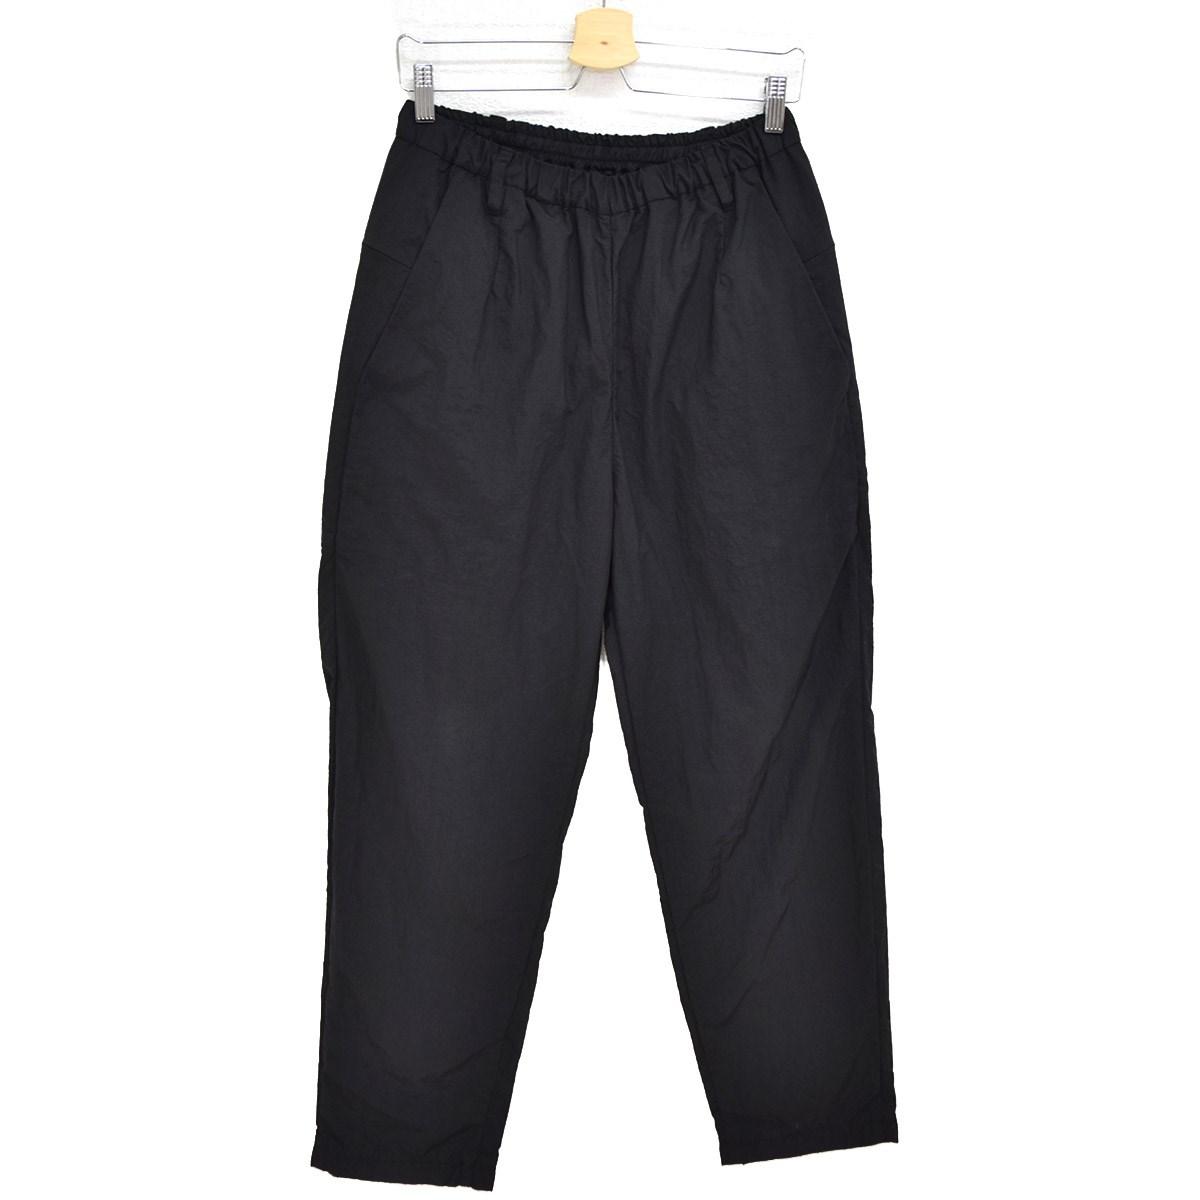 【中古】TEATORA Wallet Pants Packable ウォレット パンツ パッカブル TT-004-P ブラック サイズ:3 【100820】(テアトラ)